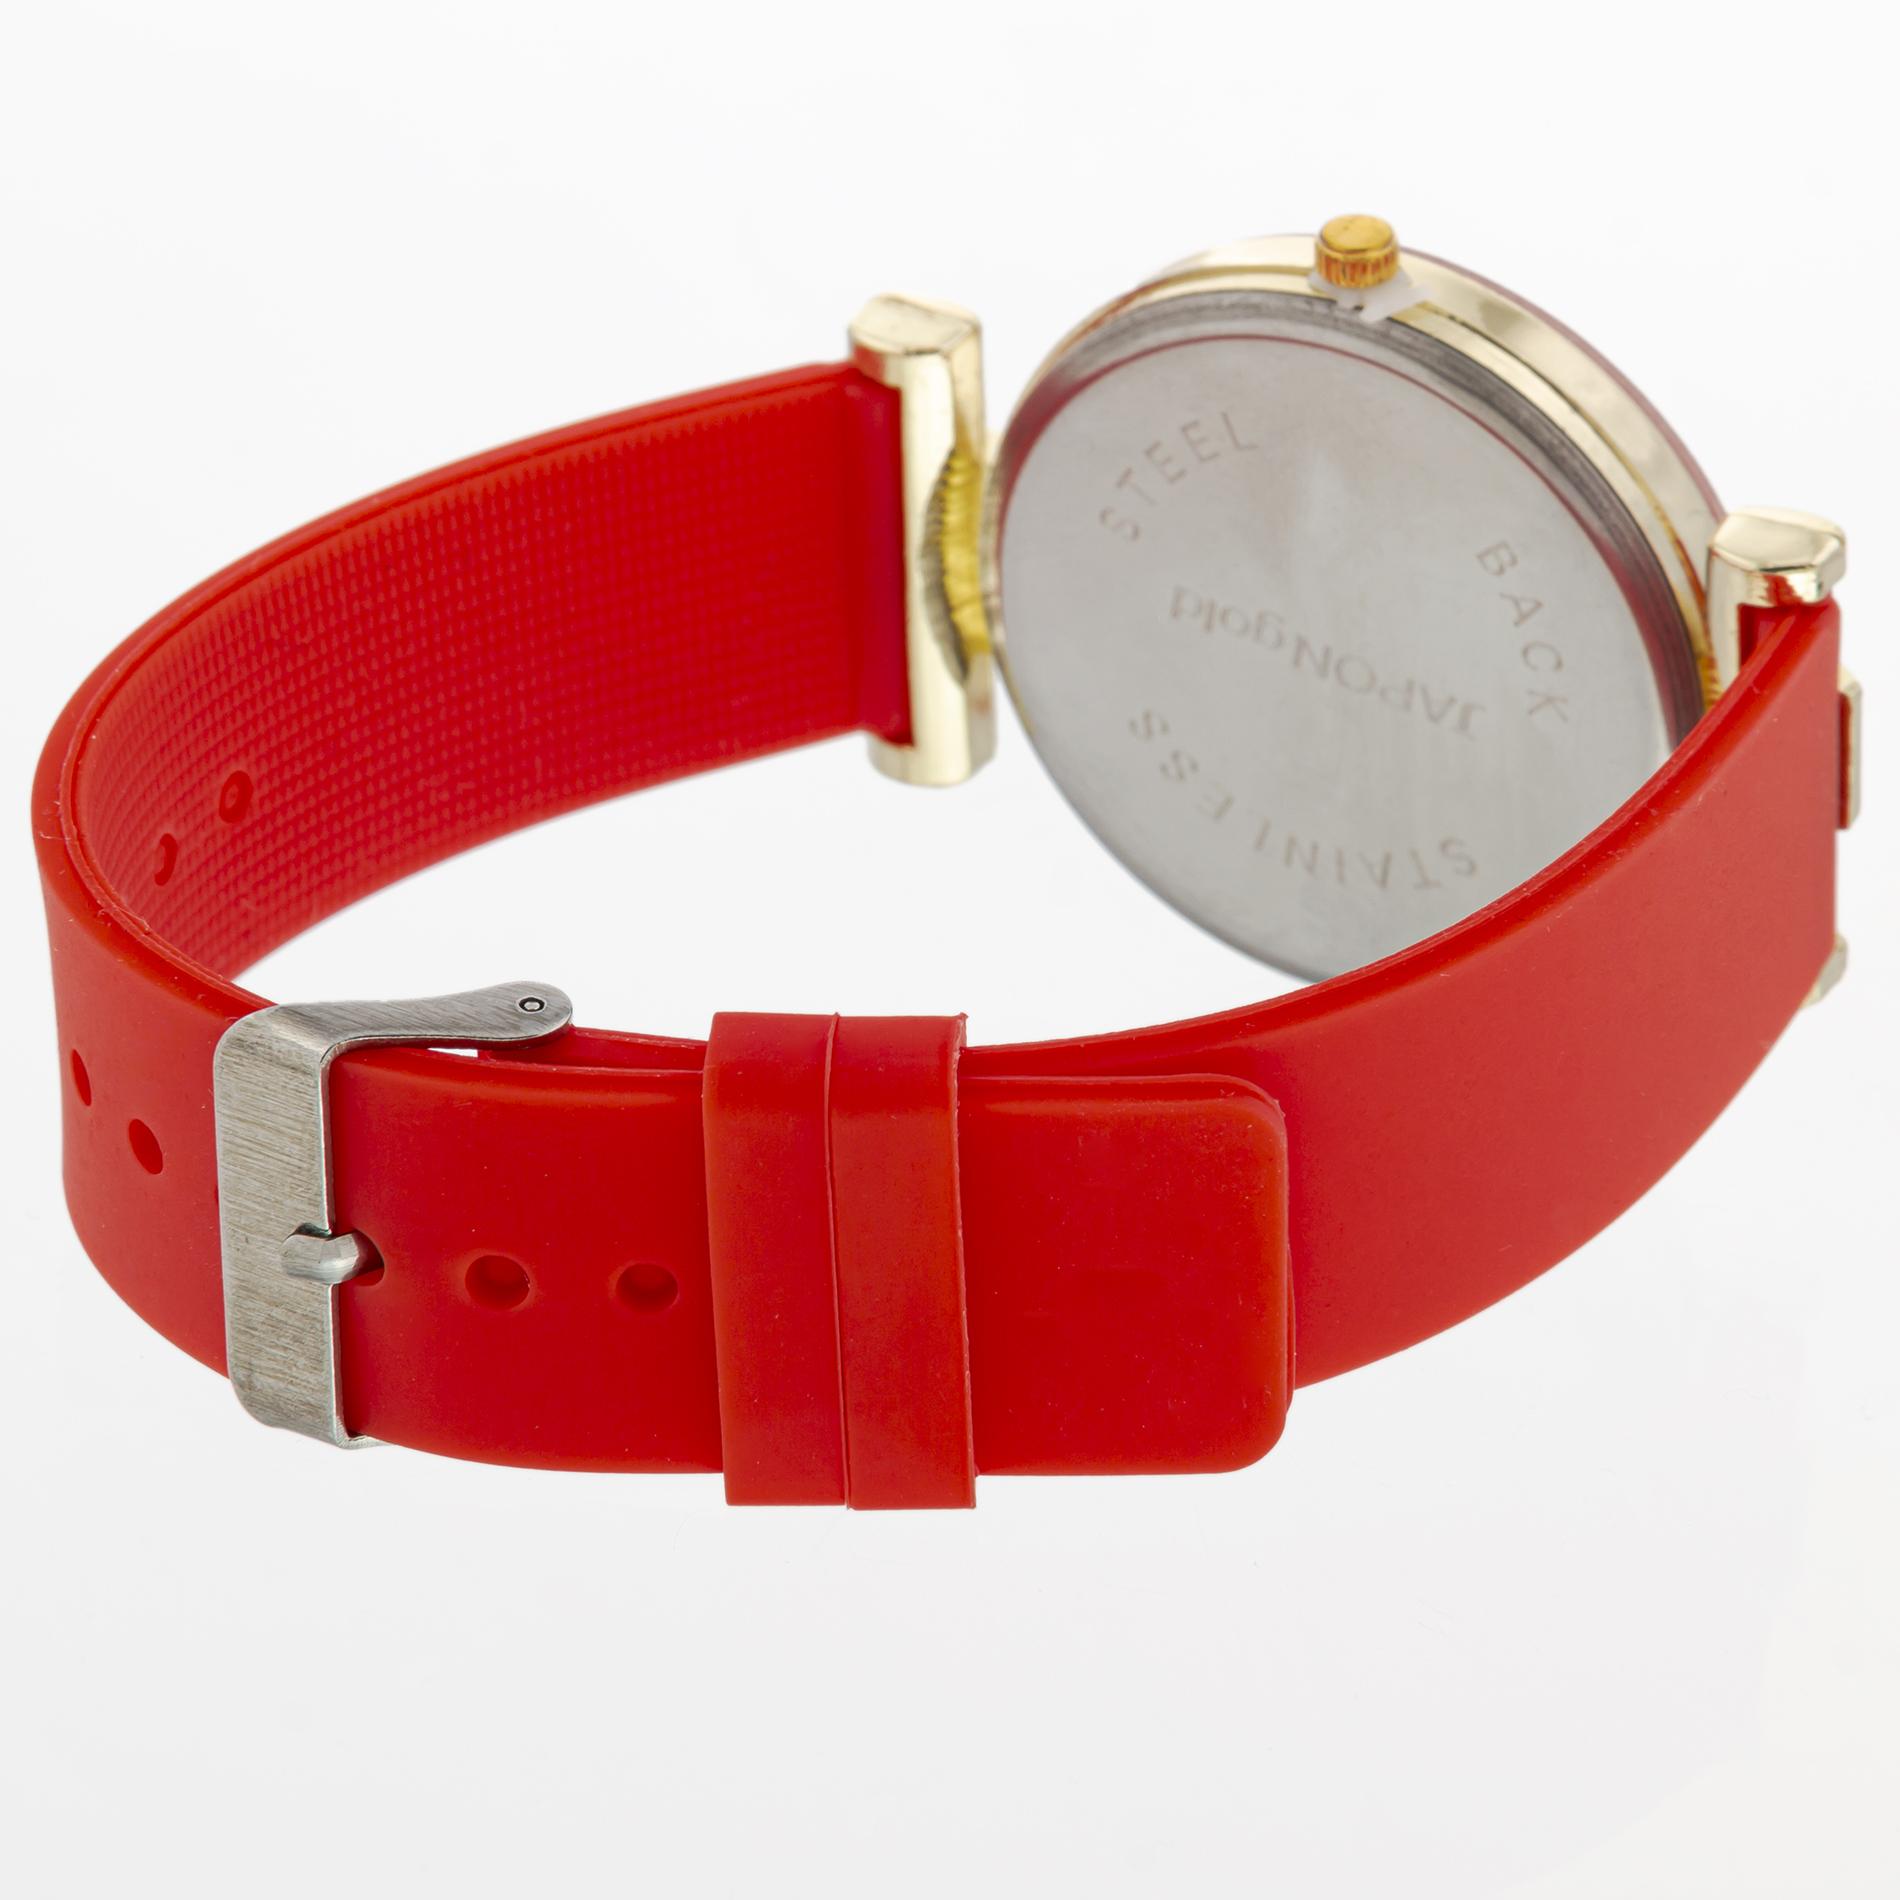 ساعت مچی عقربه ای زنانه ژاپن گلد مدل 022